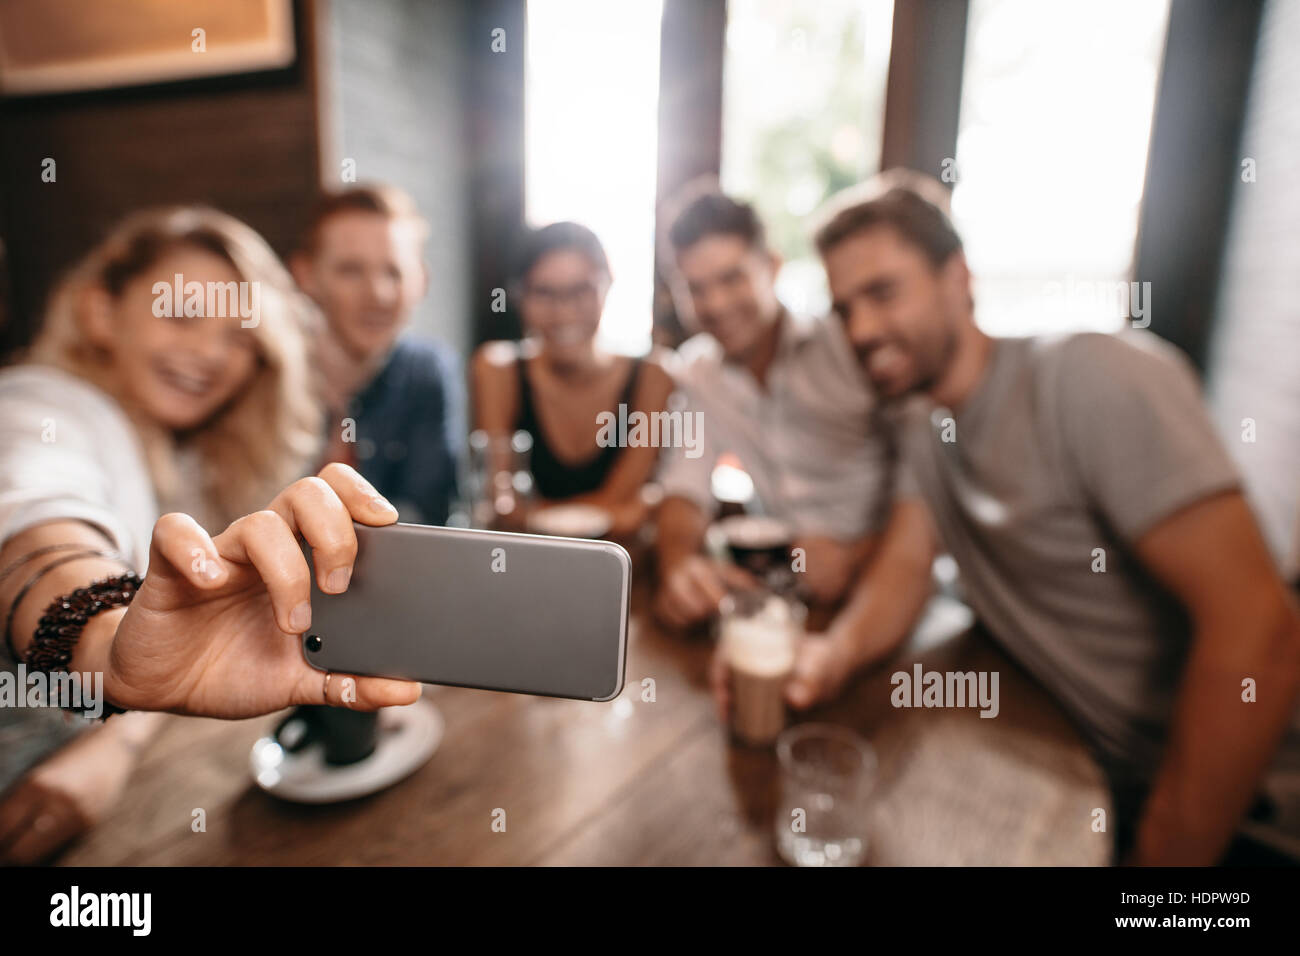 Grupo de jóvenes tomando un selfie en el cafe. Jóvenes amigos en el restaurante tomando el autorretrato. Foto de stock